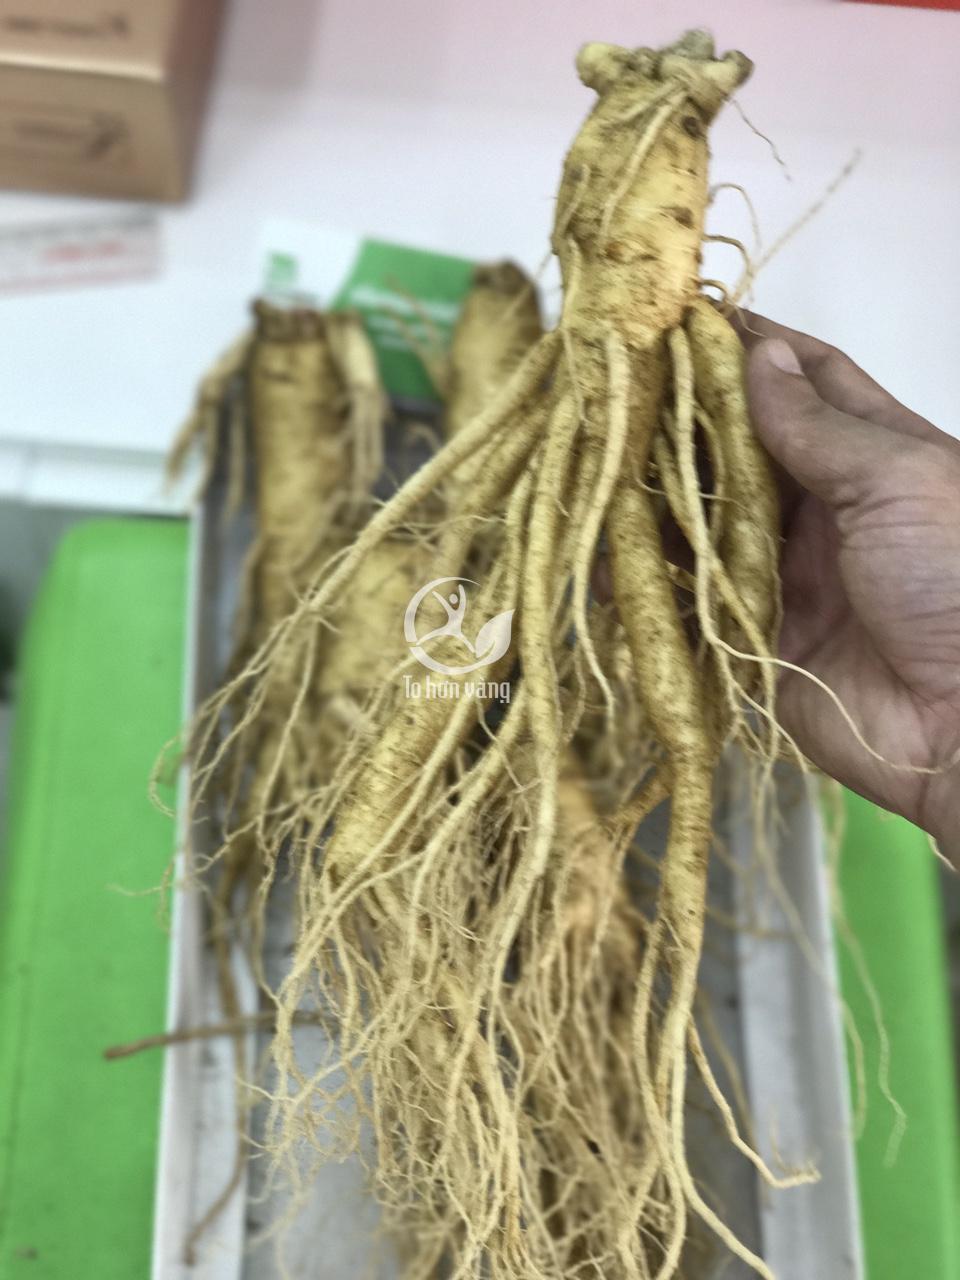 Sâm Hàn Quốc thường có rễ mọc từ phần thân dưới ; đầu sâm và thân sâm có kích thước tương đương nhau